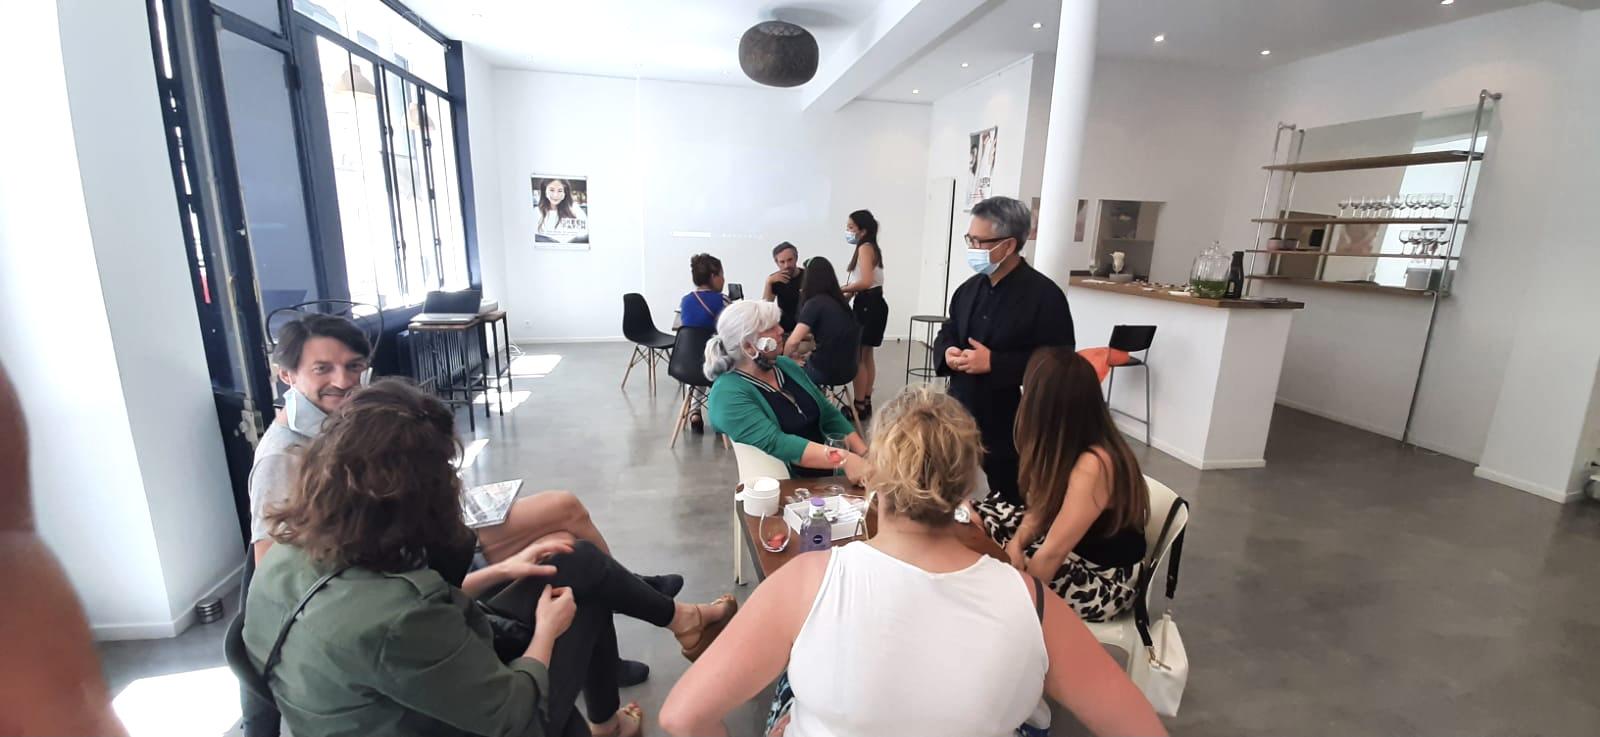 Ateliers découverte Paris